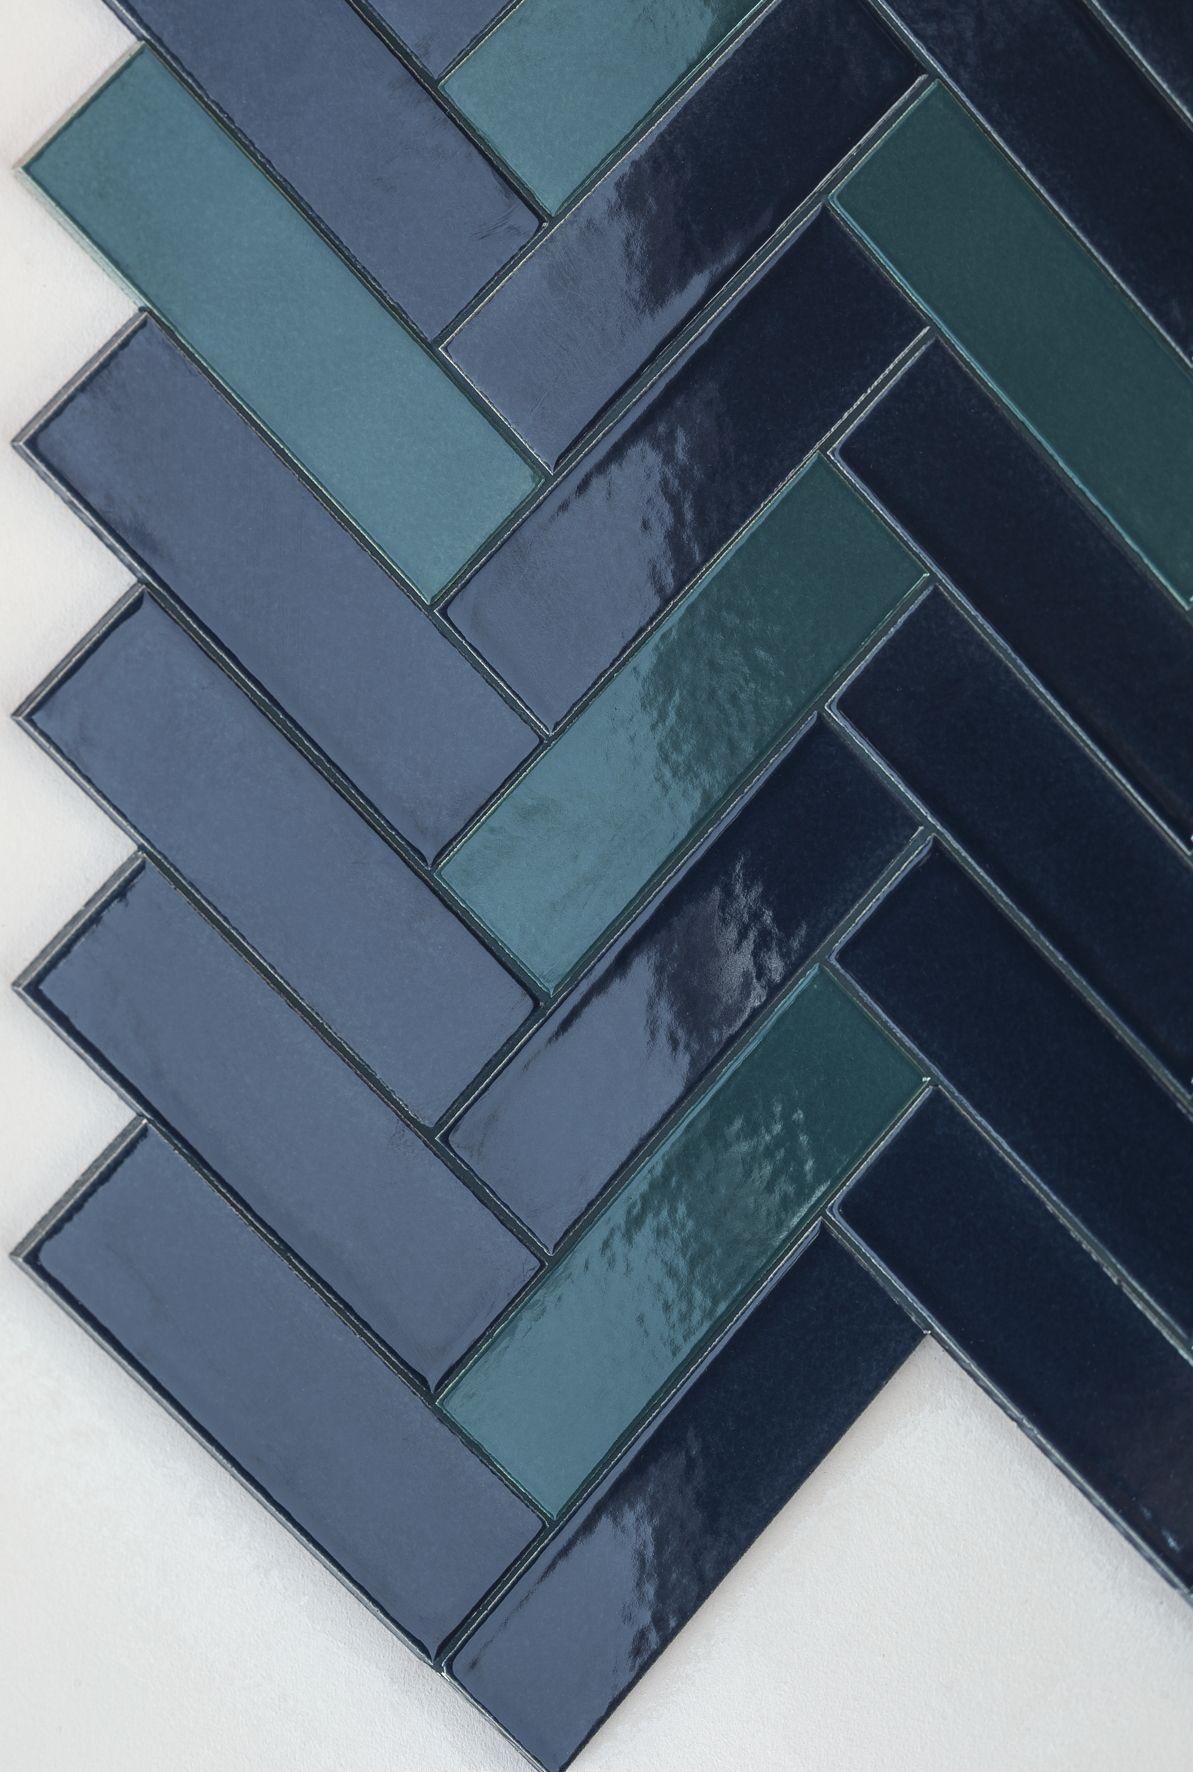 Surface Carrelage Gres Emaille Collection Toscan Par Patricia Urquiola Chez Surface Www Surface Fr En 2020 Carrelage Parement Mural Faience Murale